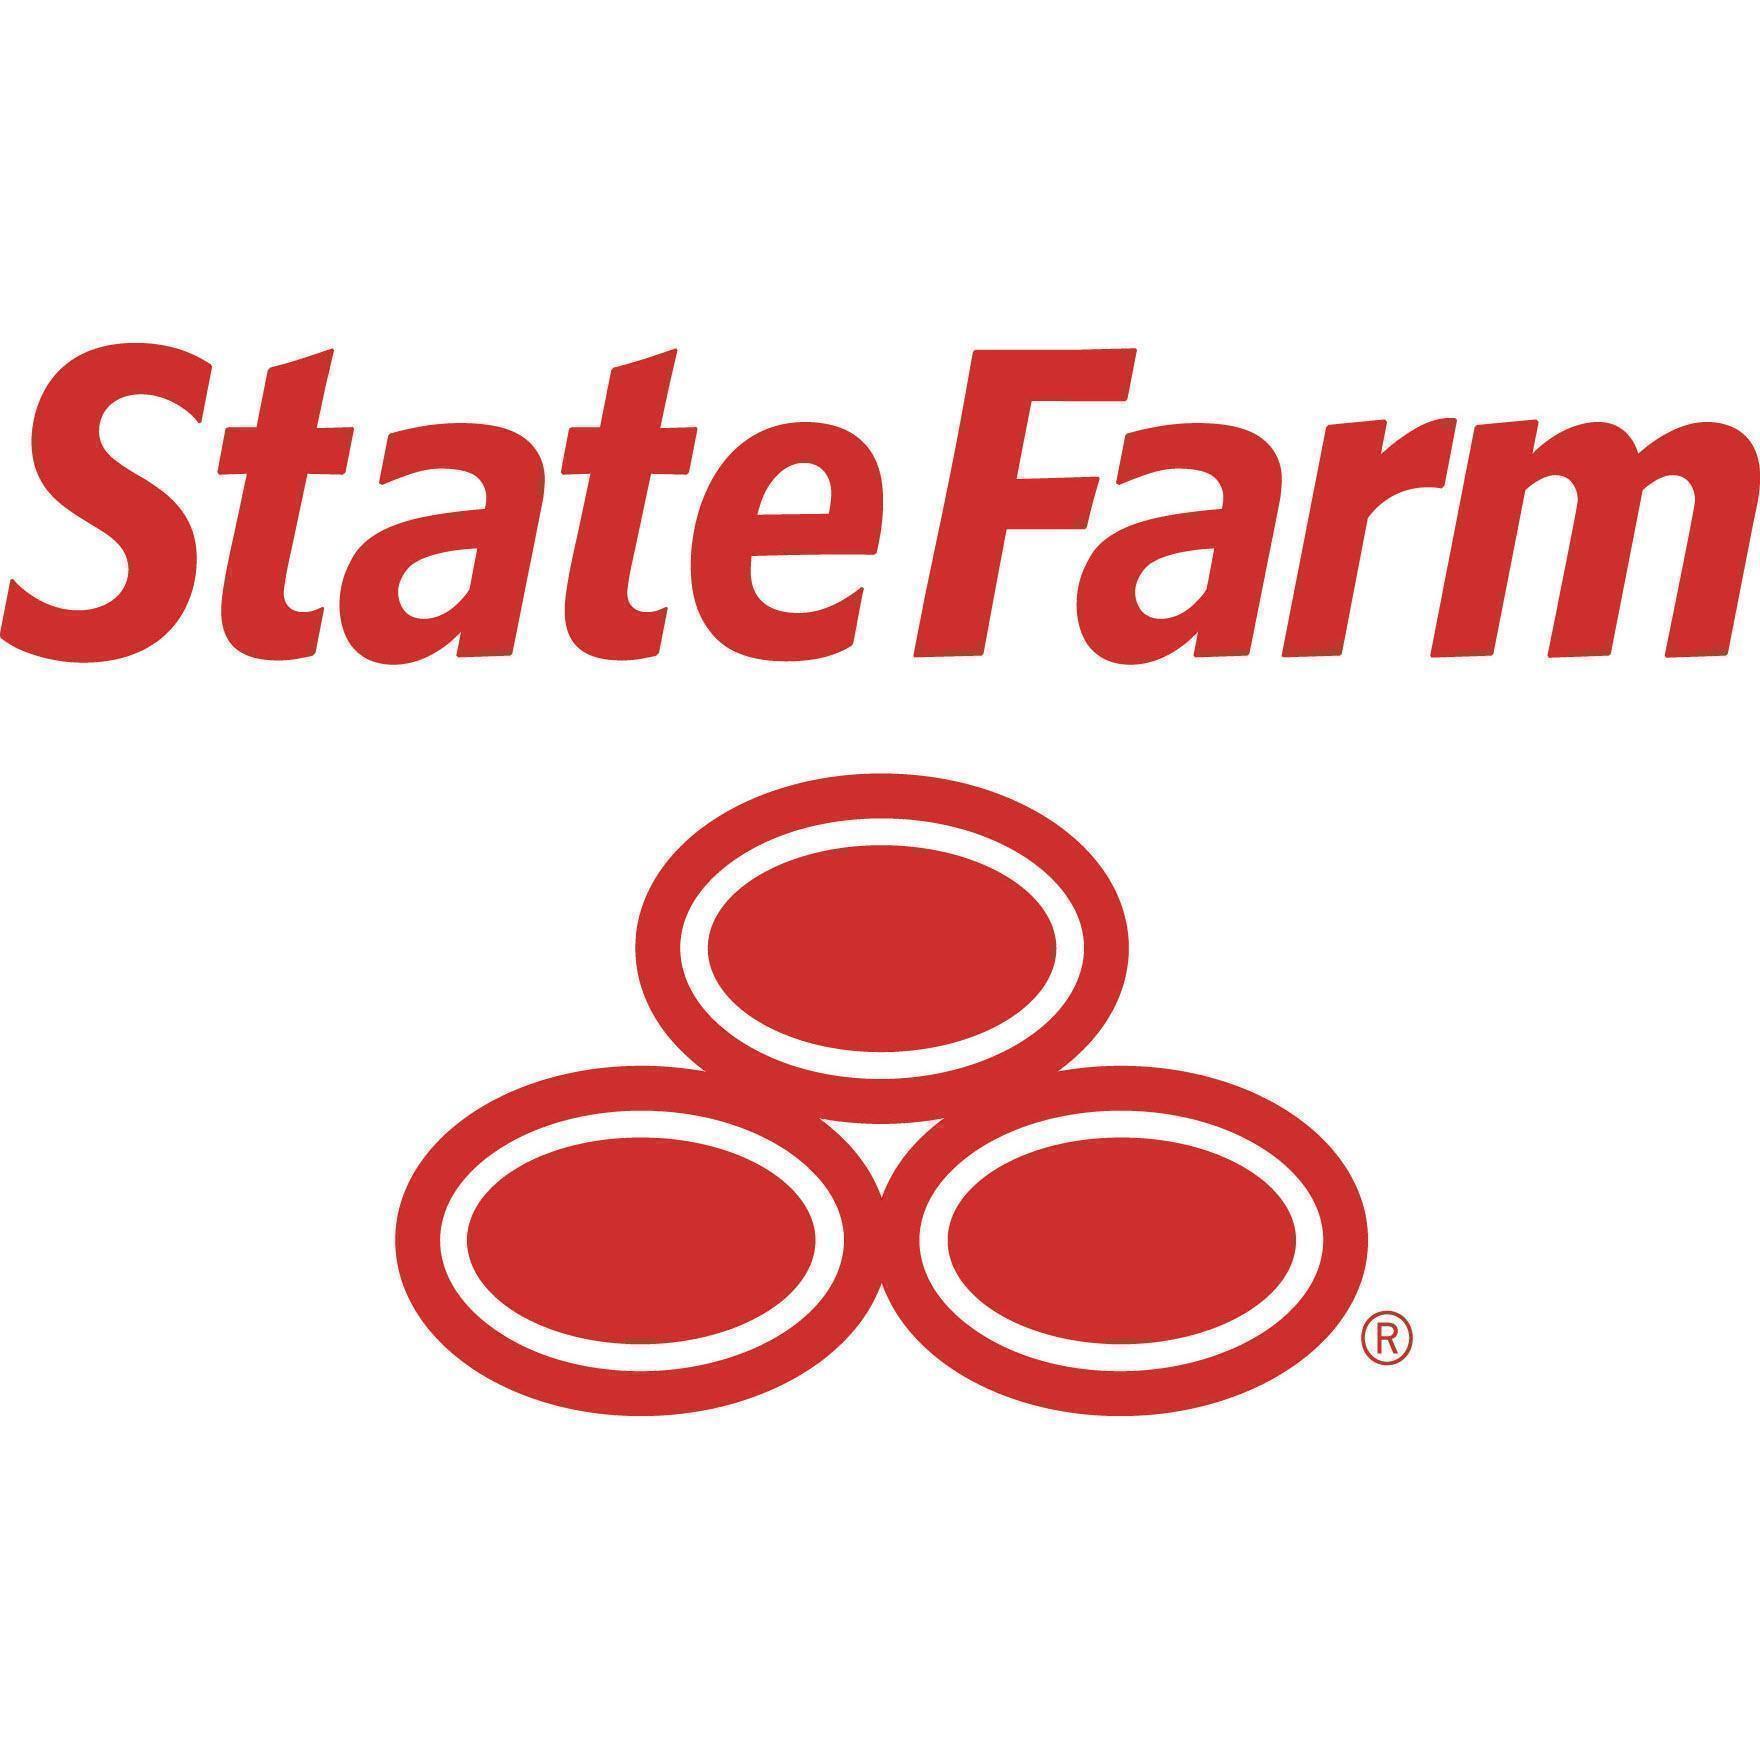 Chuck Core - State Farm Insurance Agent